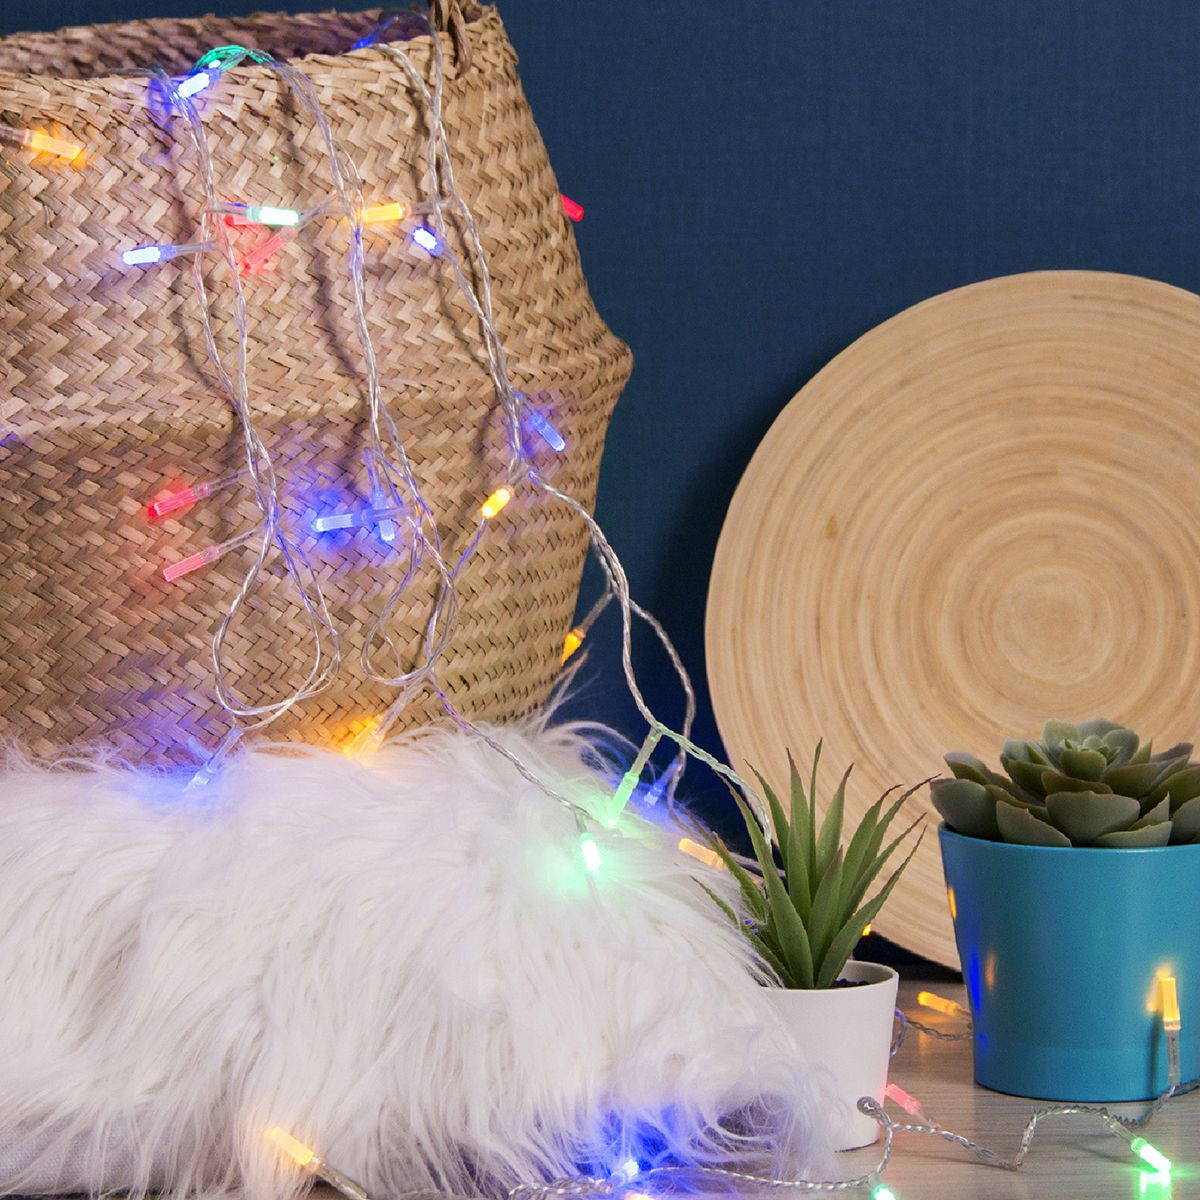 Гирлянда электрическая Luazon Lighting Нить. Звездочка, нить прозрачная, цвет: разноцветный, 50 LED, 220 V, 8 режимов, длина 5 м железная дорога shantou железная дорога 138 1 с 3 х лет b1493195